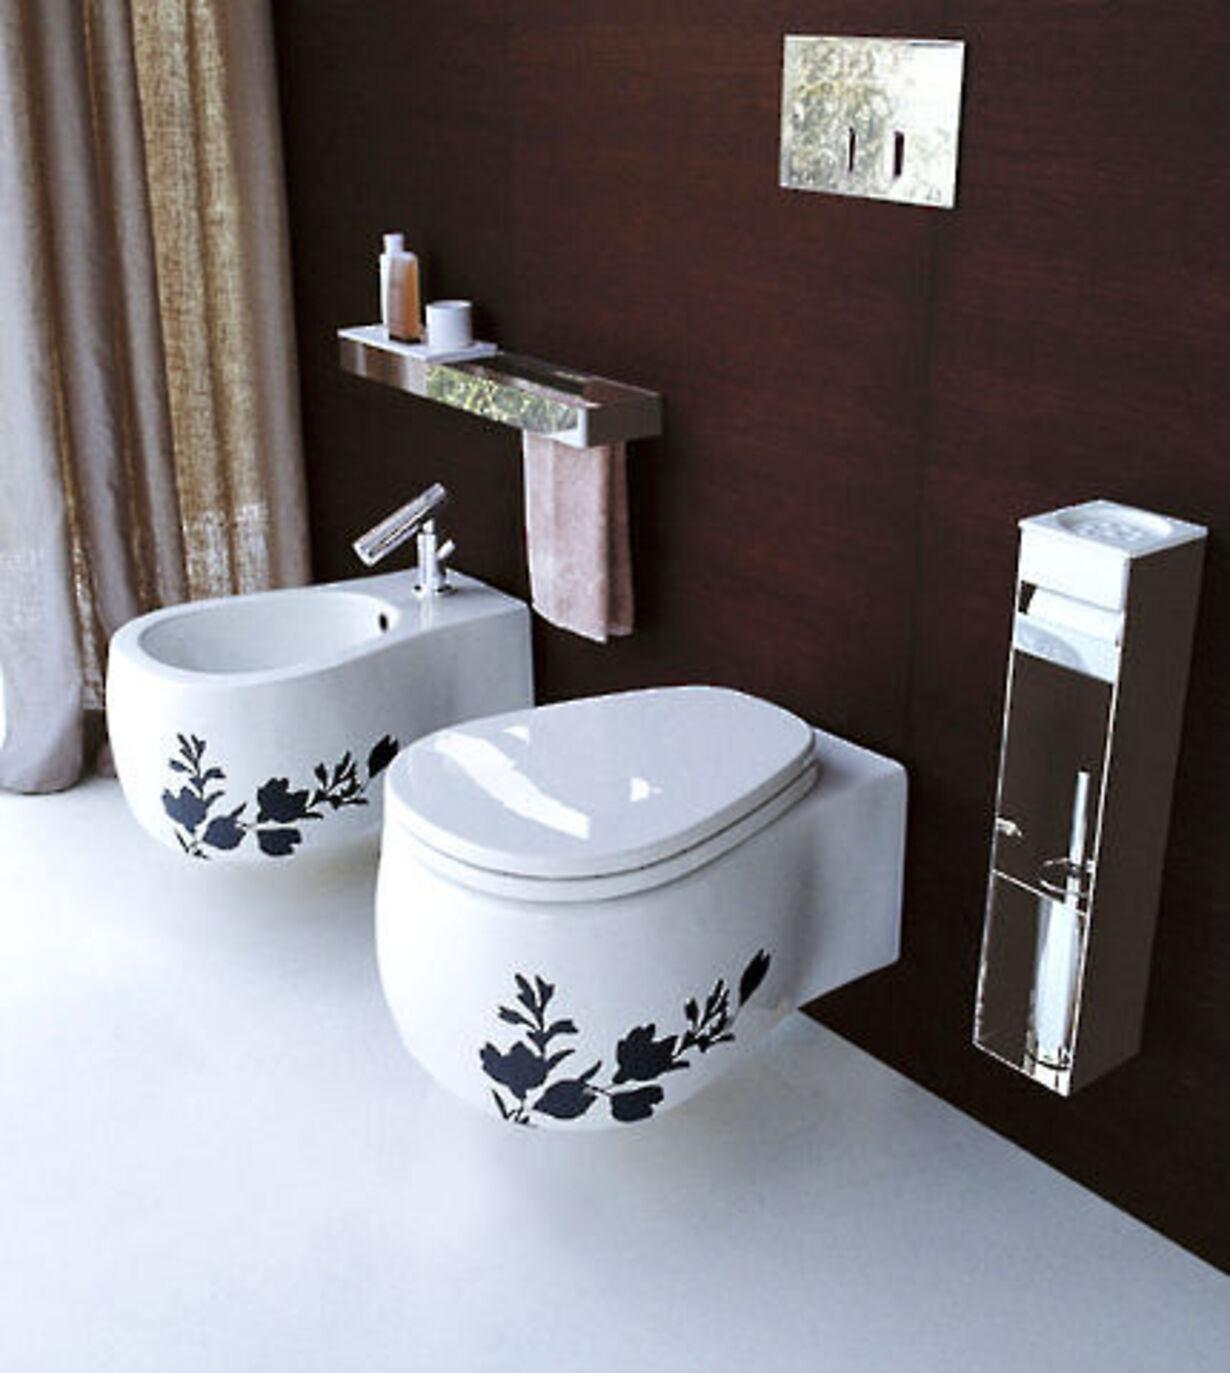 Toilet til tiden - 12